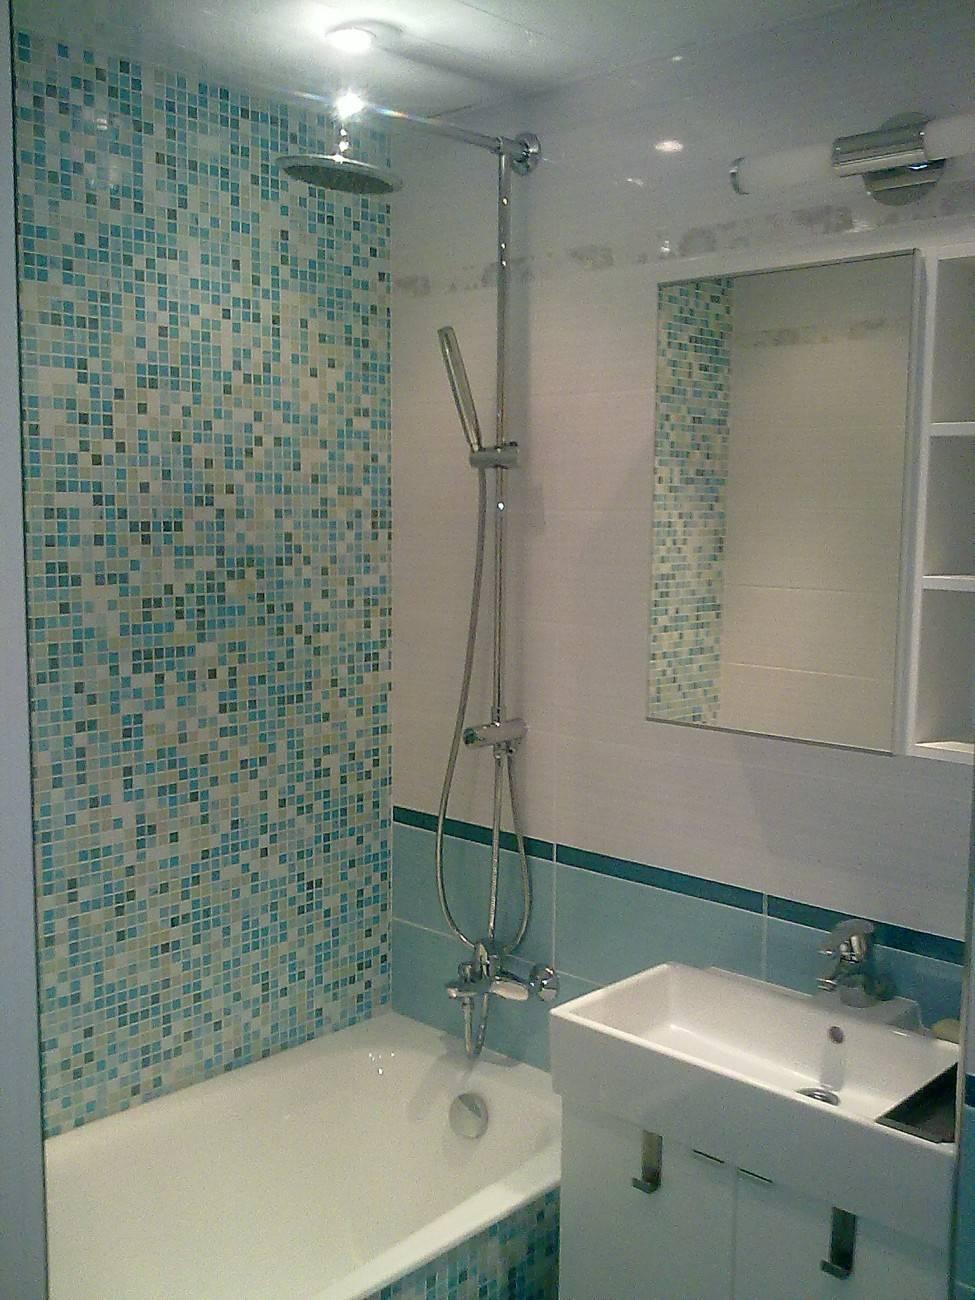 Ремонт в ванной: делаем ремонт ванной комнаты с пошаговыми действиями